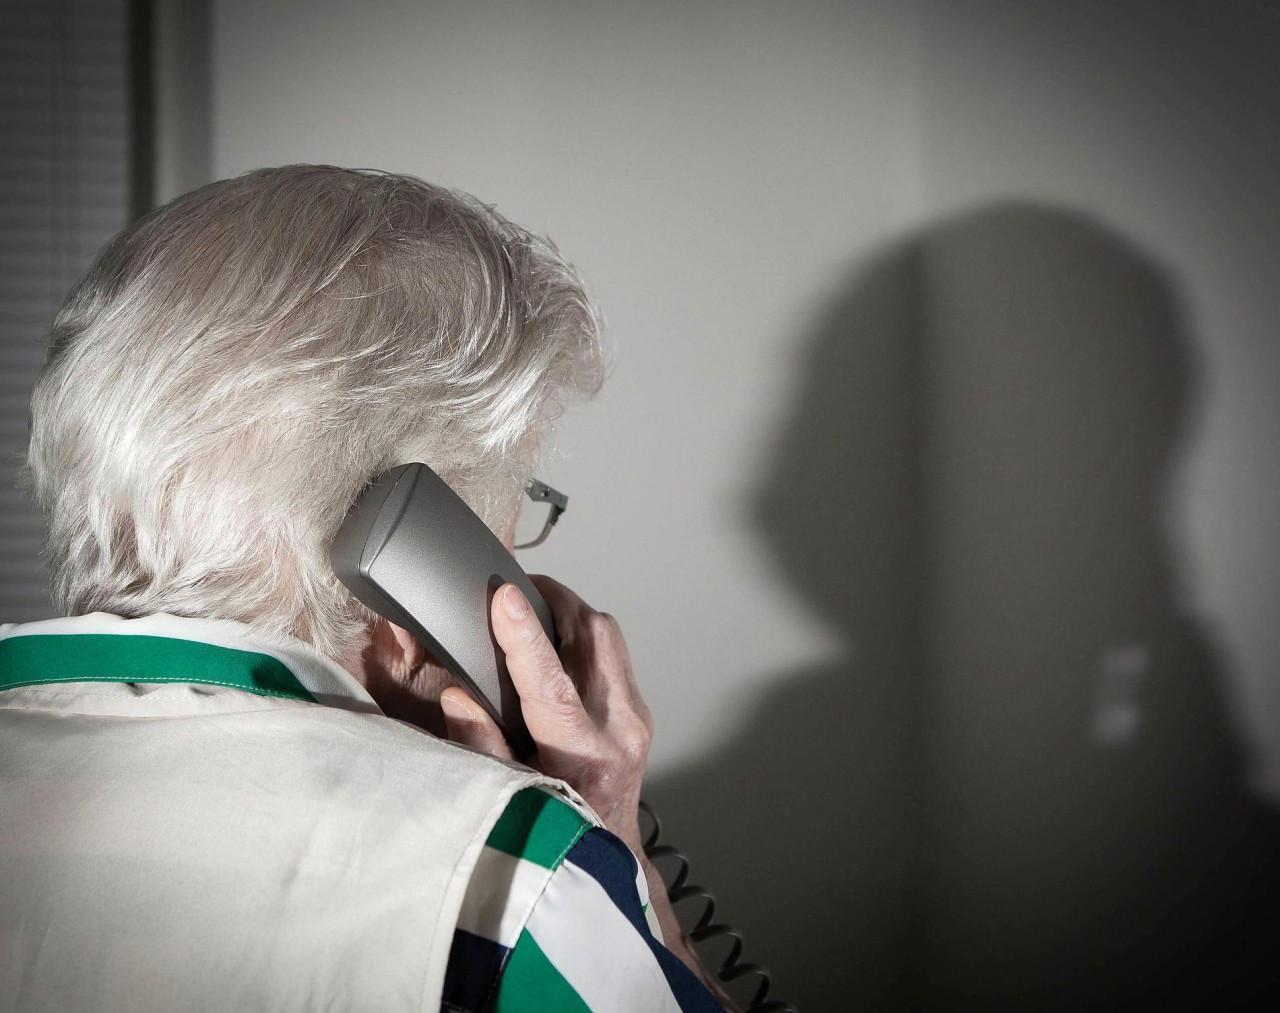 Купившая криптовалюту пенсионерка из Калмыкии лишилась 800 тысяч